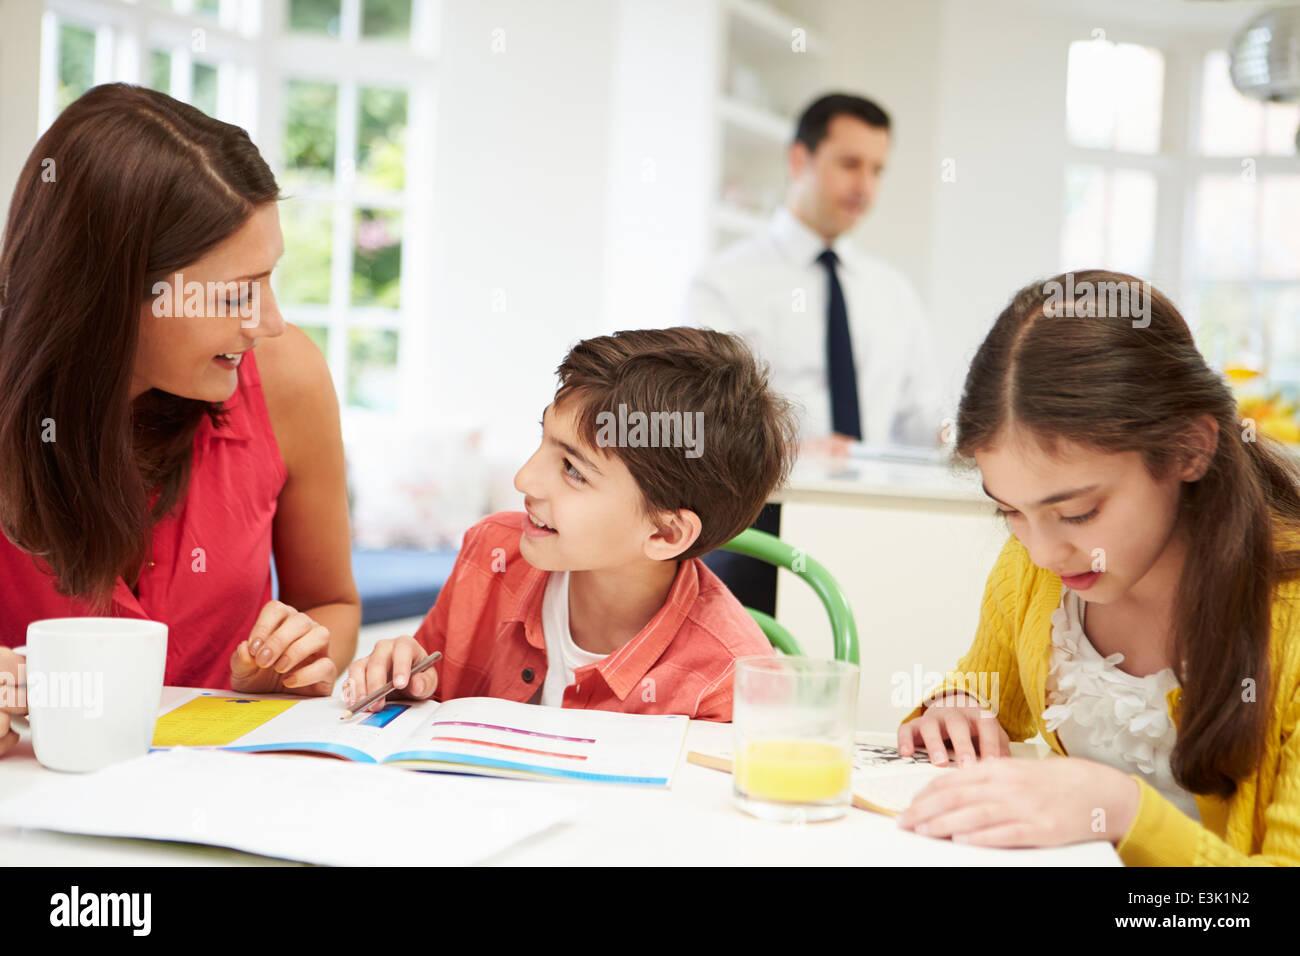 La mamma aiuta i bambini con i compiti come papà lavora in background Immagini Stock